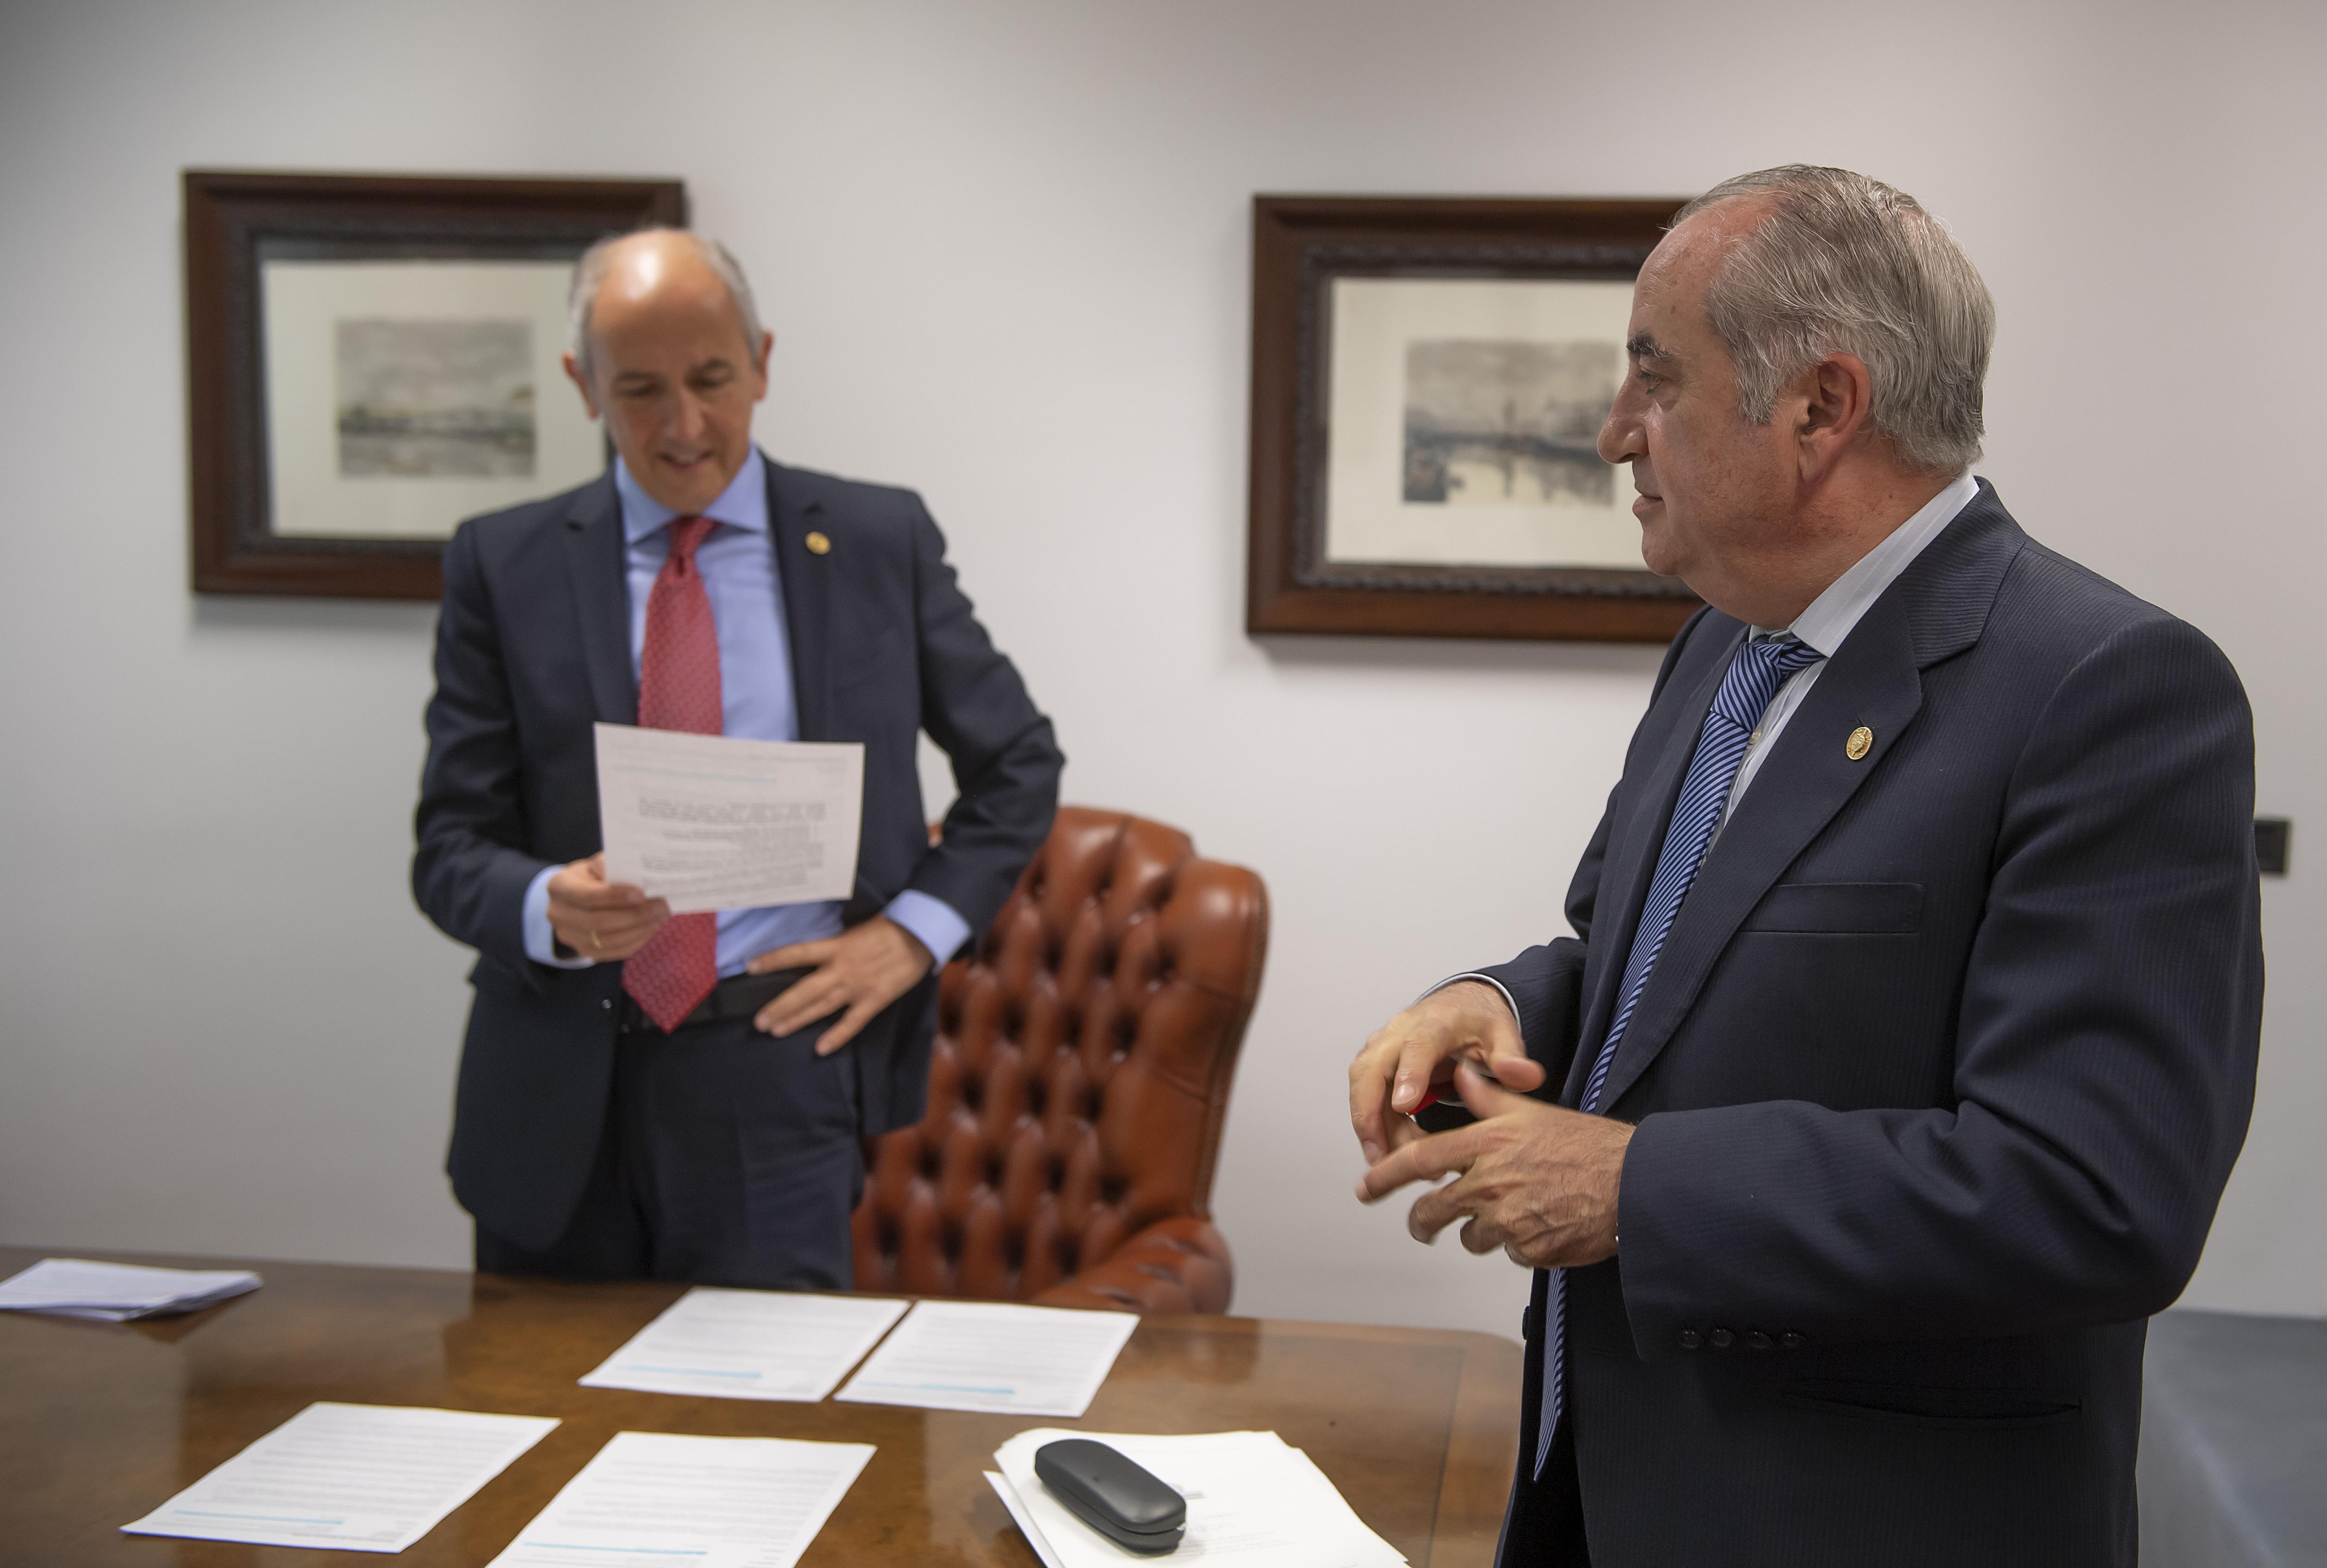 El resultado electoral refuerza la confianza de la ciudadanía vasca en la coalición